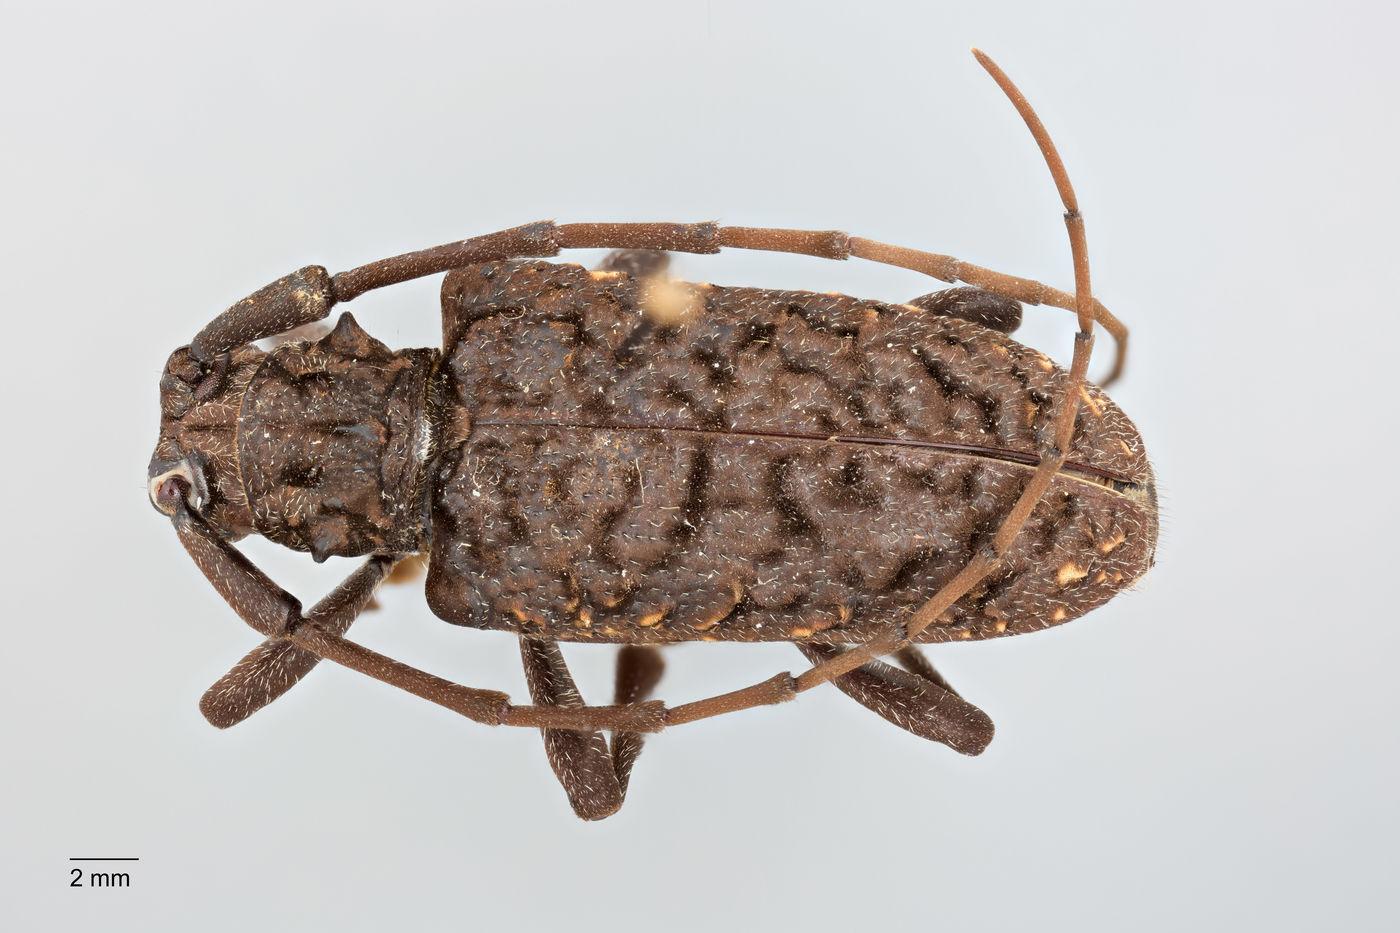 Monochamus flocculatus image